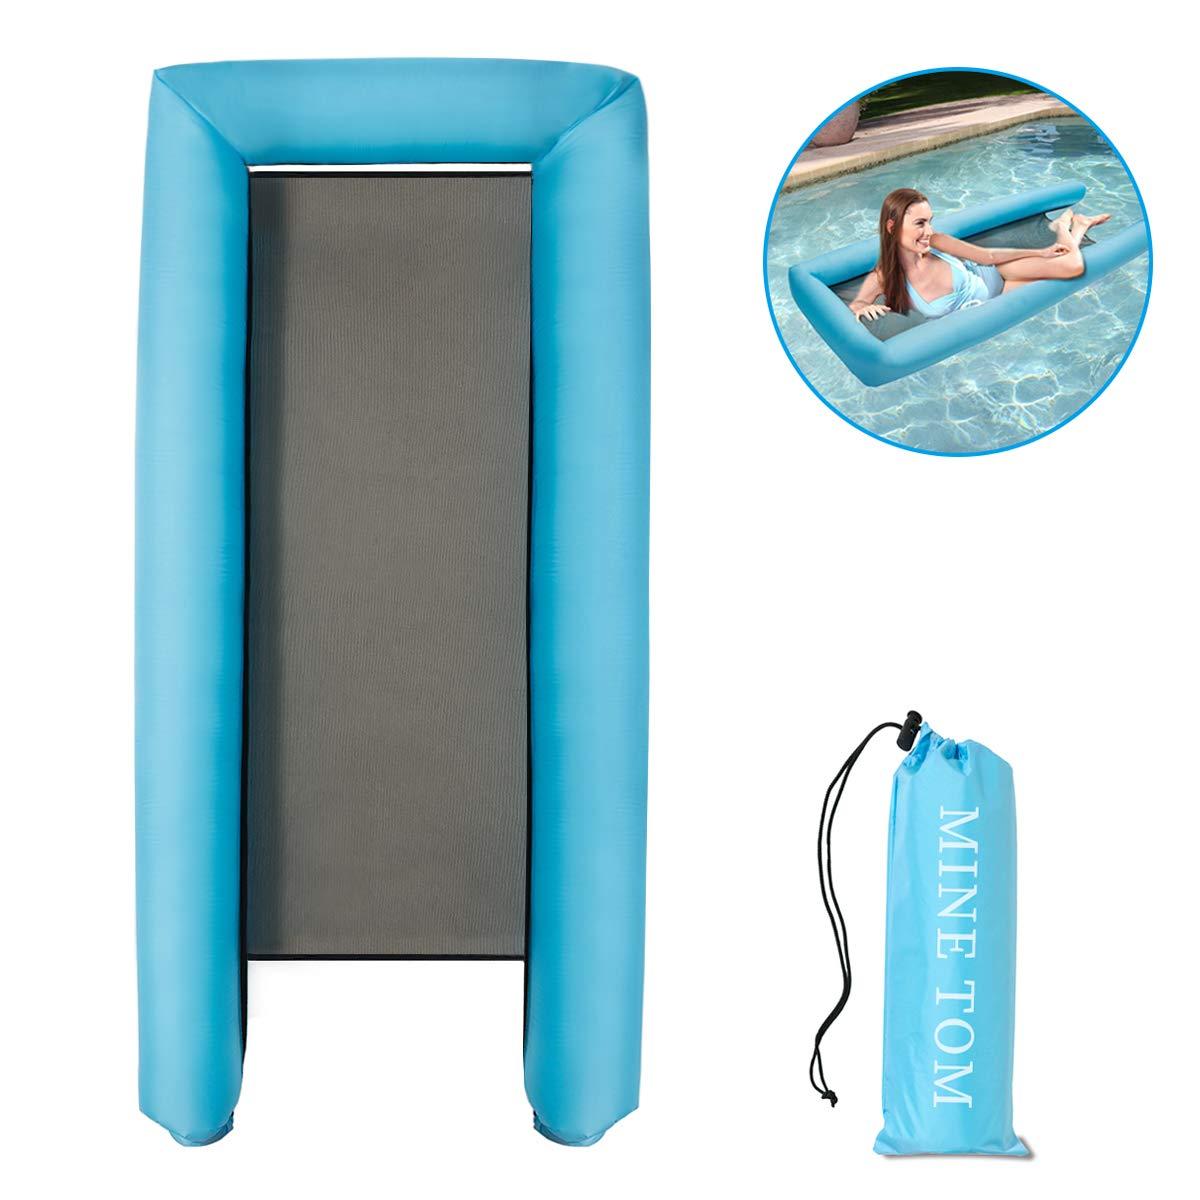 Minetom Pool Hängematte Wasserhängematte Luftmatratze